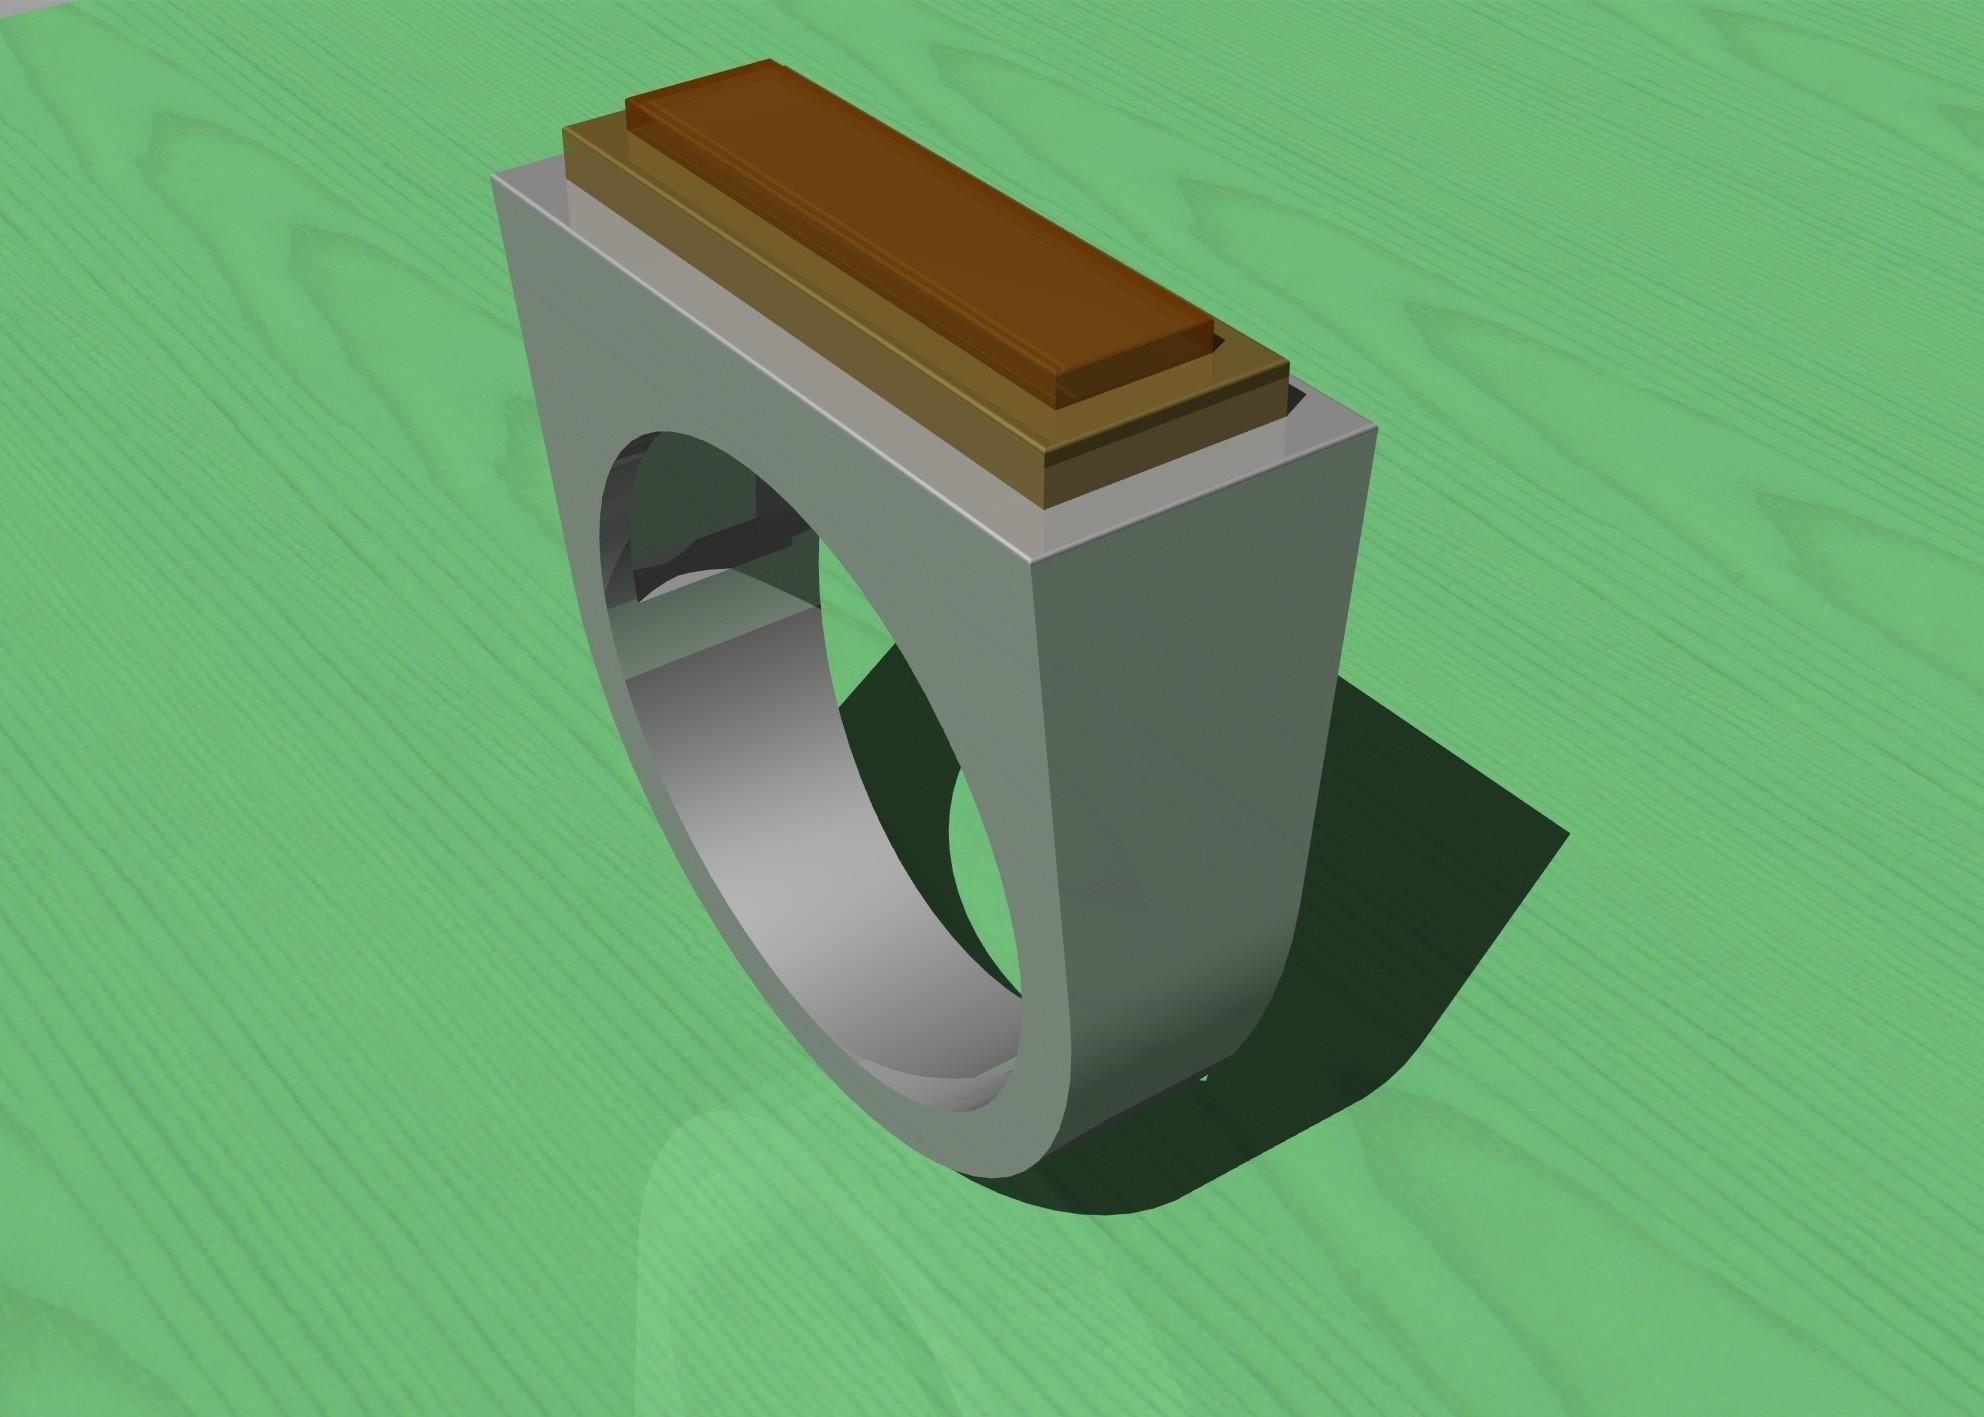 11.jpg Télécharger fichier STL gratuit 20112018 • Objet à imprimer en 3D, tulukdesign